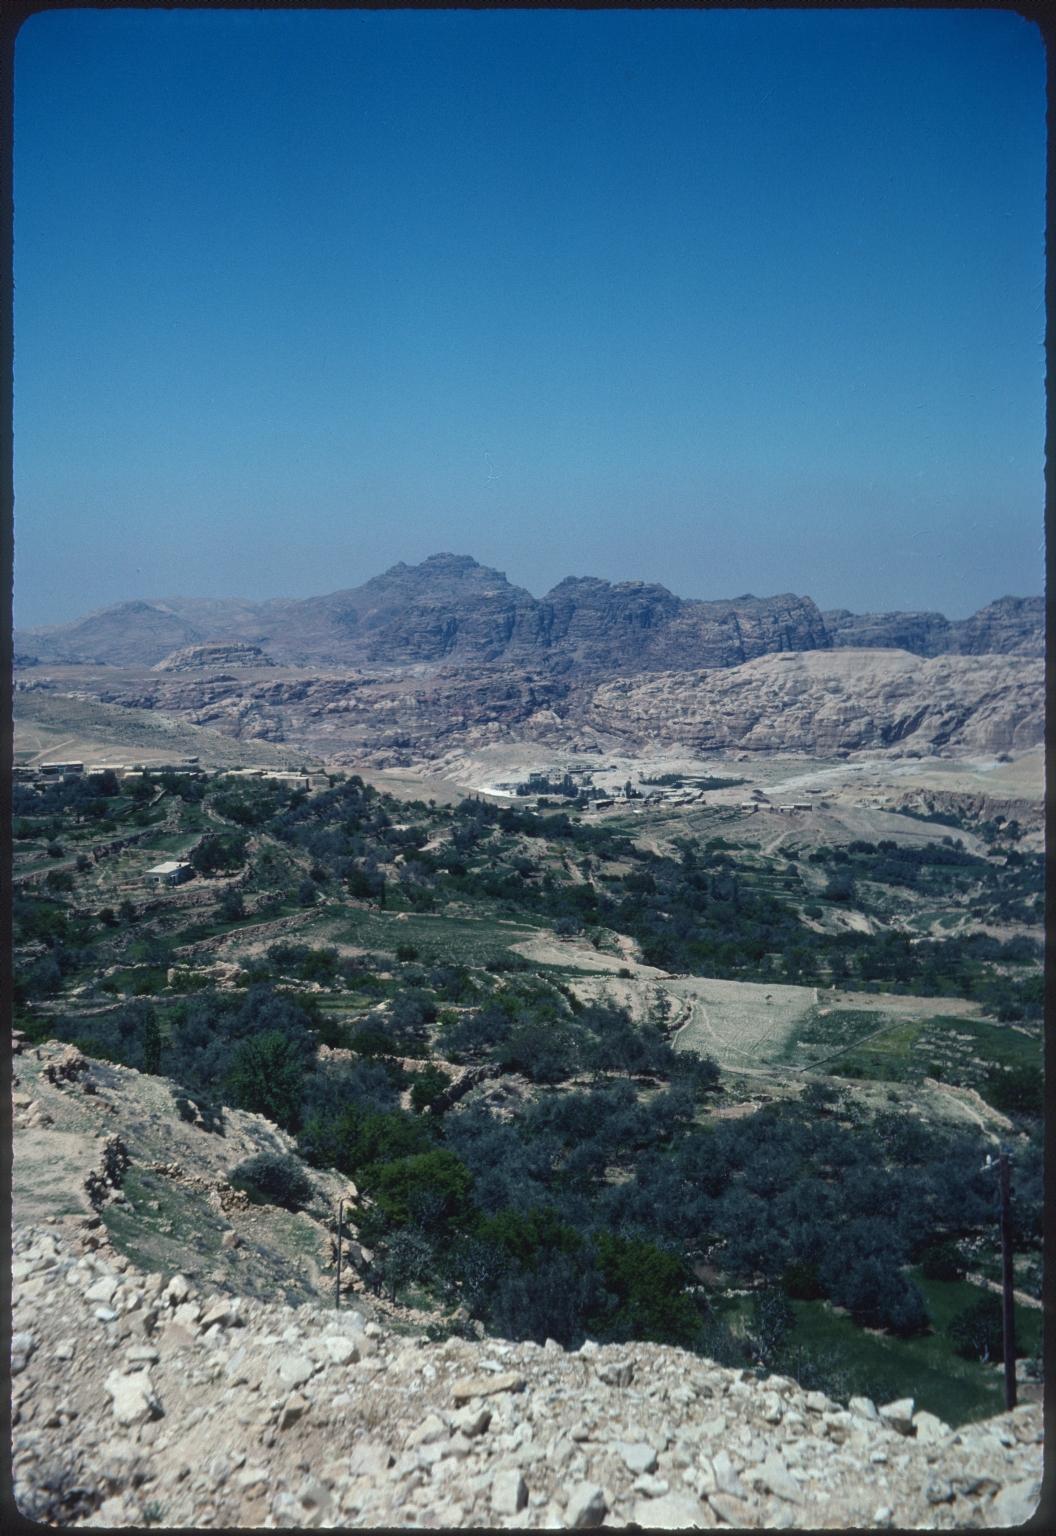 Mount Hor